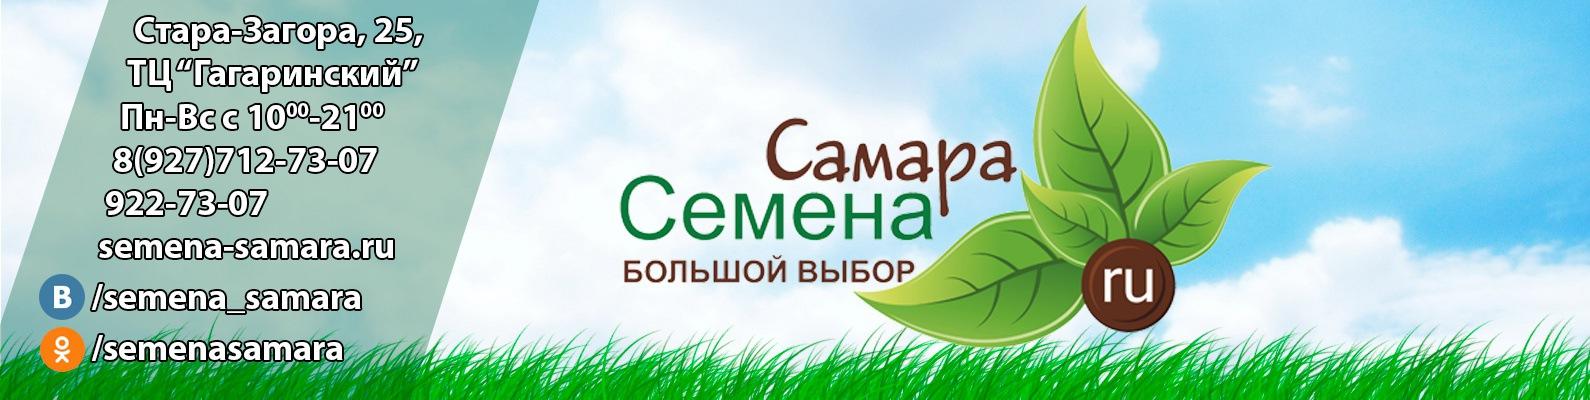 купить семена оптом в самаре